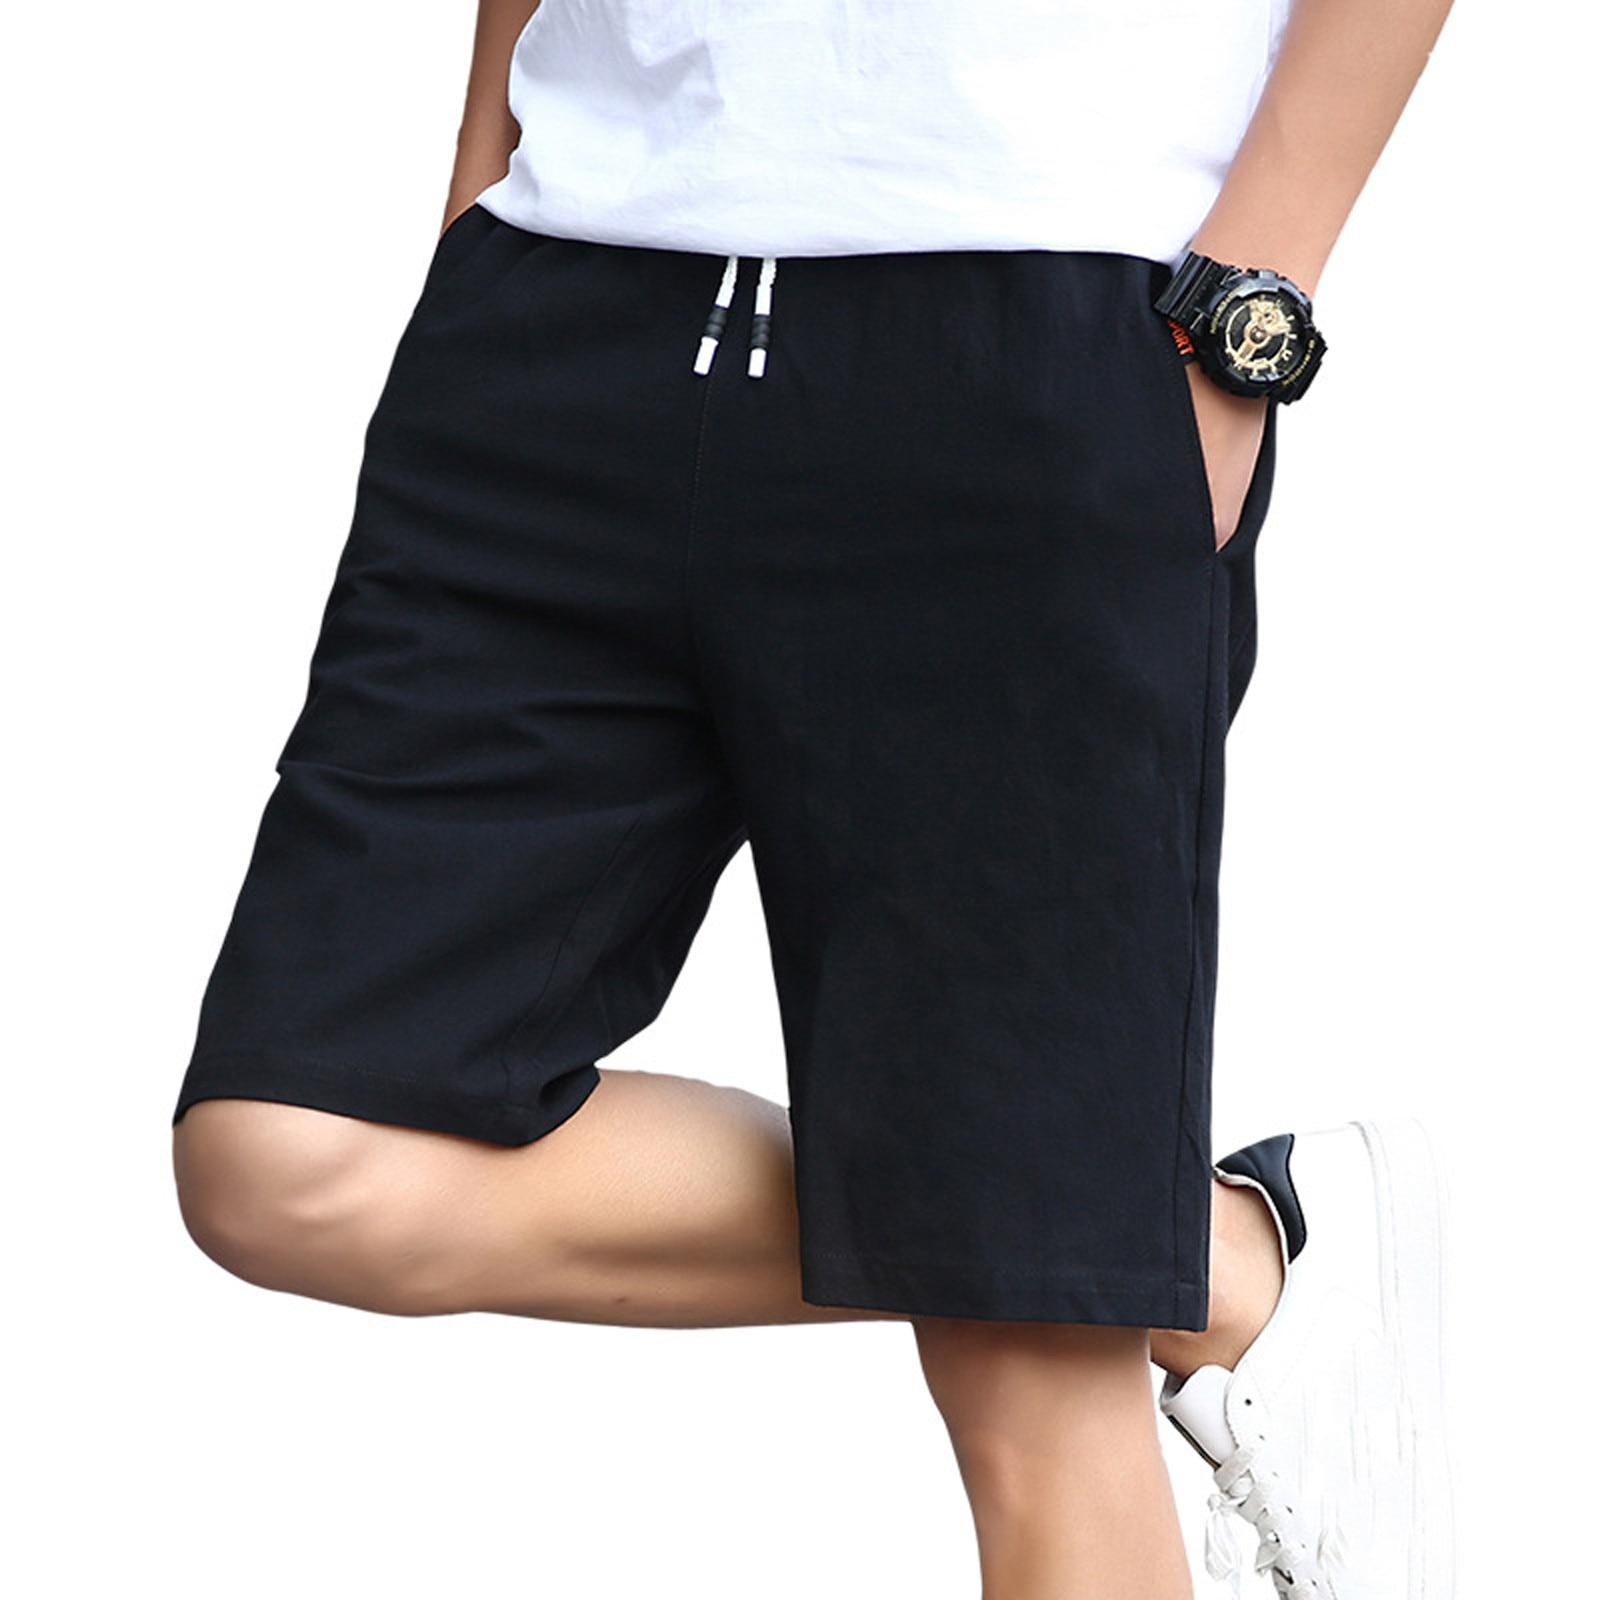 2021 Летние повседневные шорты для мужчин модные хлопковые Стиль мужские шорты-бермуды пляжные шорты размера плюс короткие мужские спортивн...